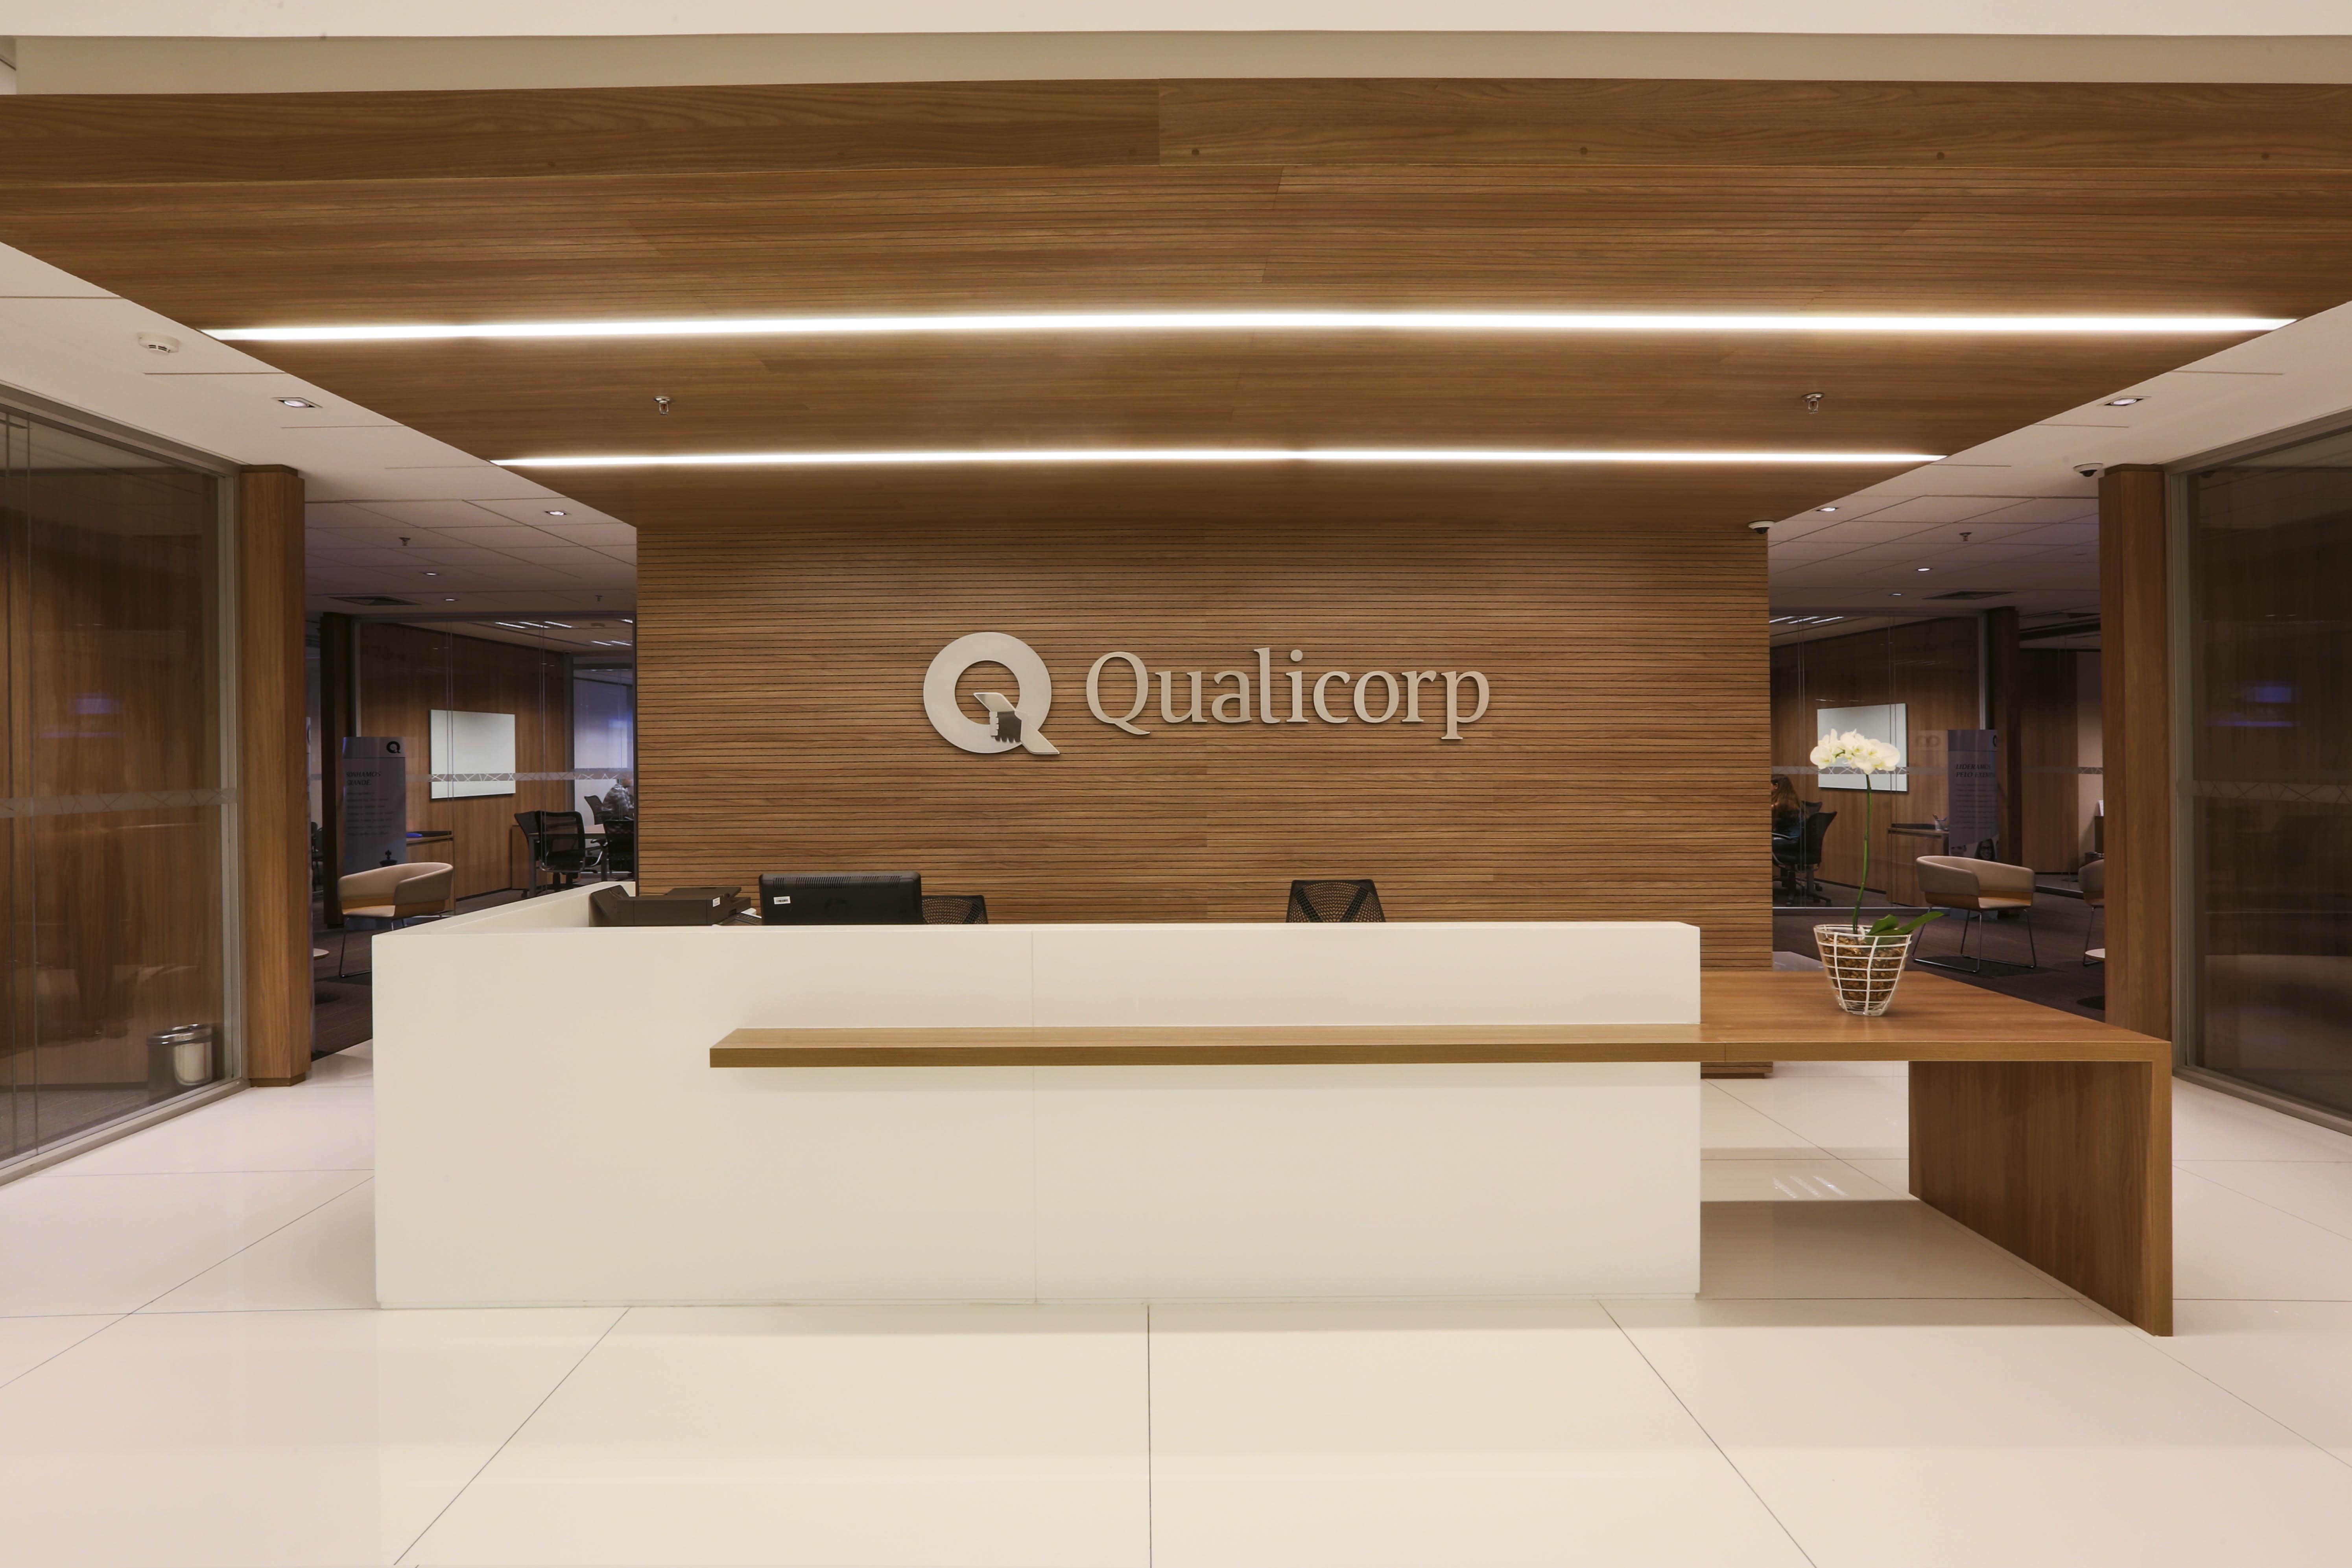 Qualicorp Headquarters